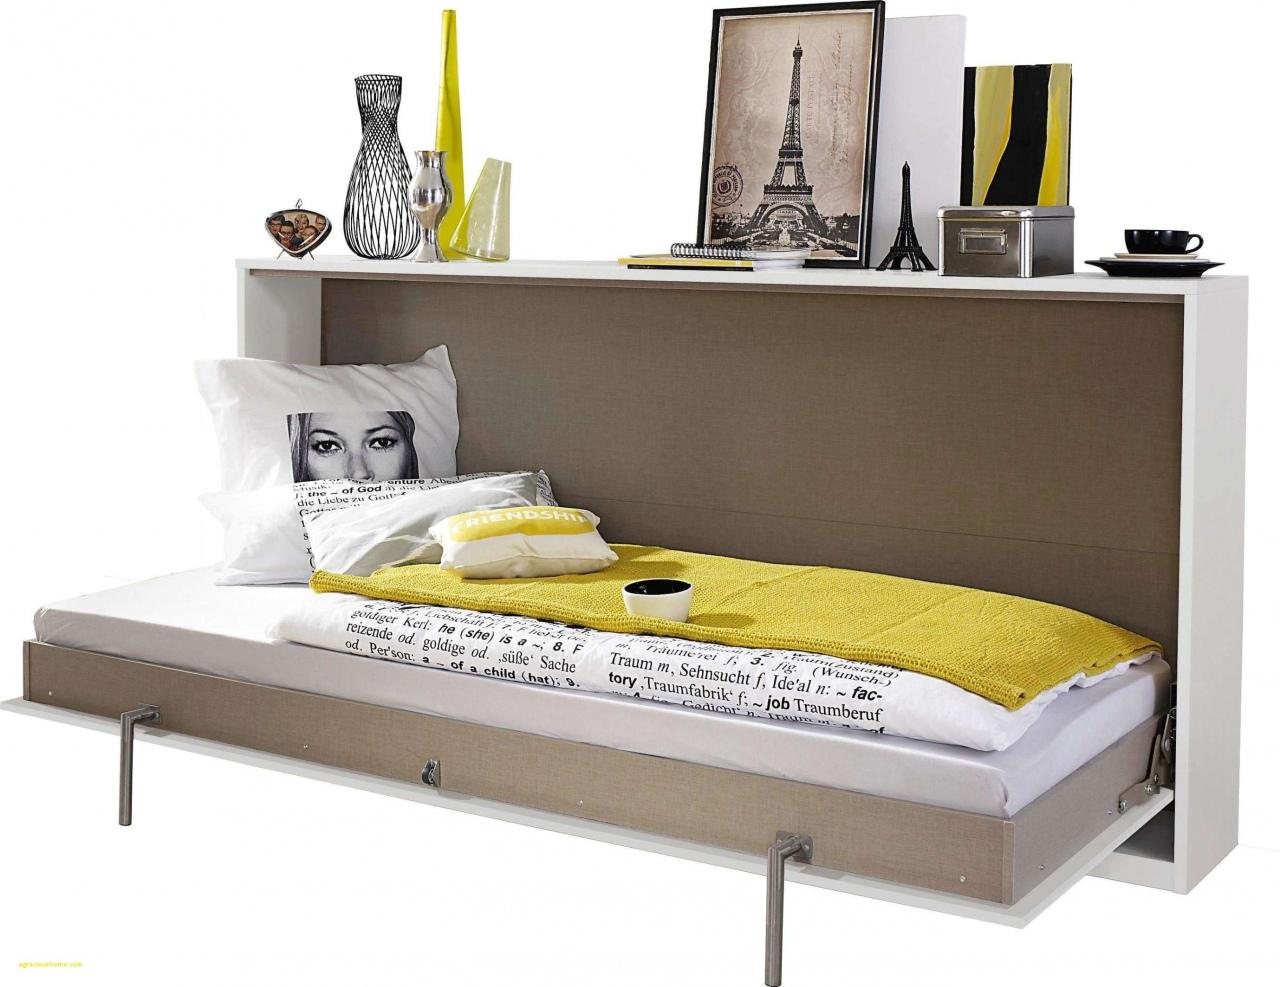 Full Size of Lattenrost Klappbar Ikea Latexmatratze Bett Rahmen Matratze Mbel Png Schlafzimmer Komplett Mit Und 140x200 180x200 Küche Kosten Modulküche Ausklappbares Wohnzimmer Lattenrost Klappbar Ikea